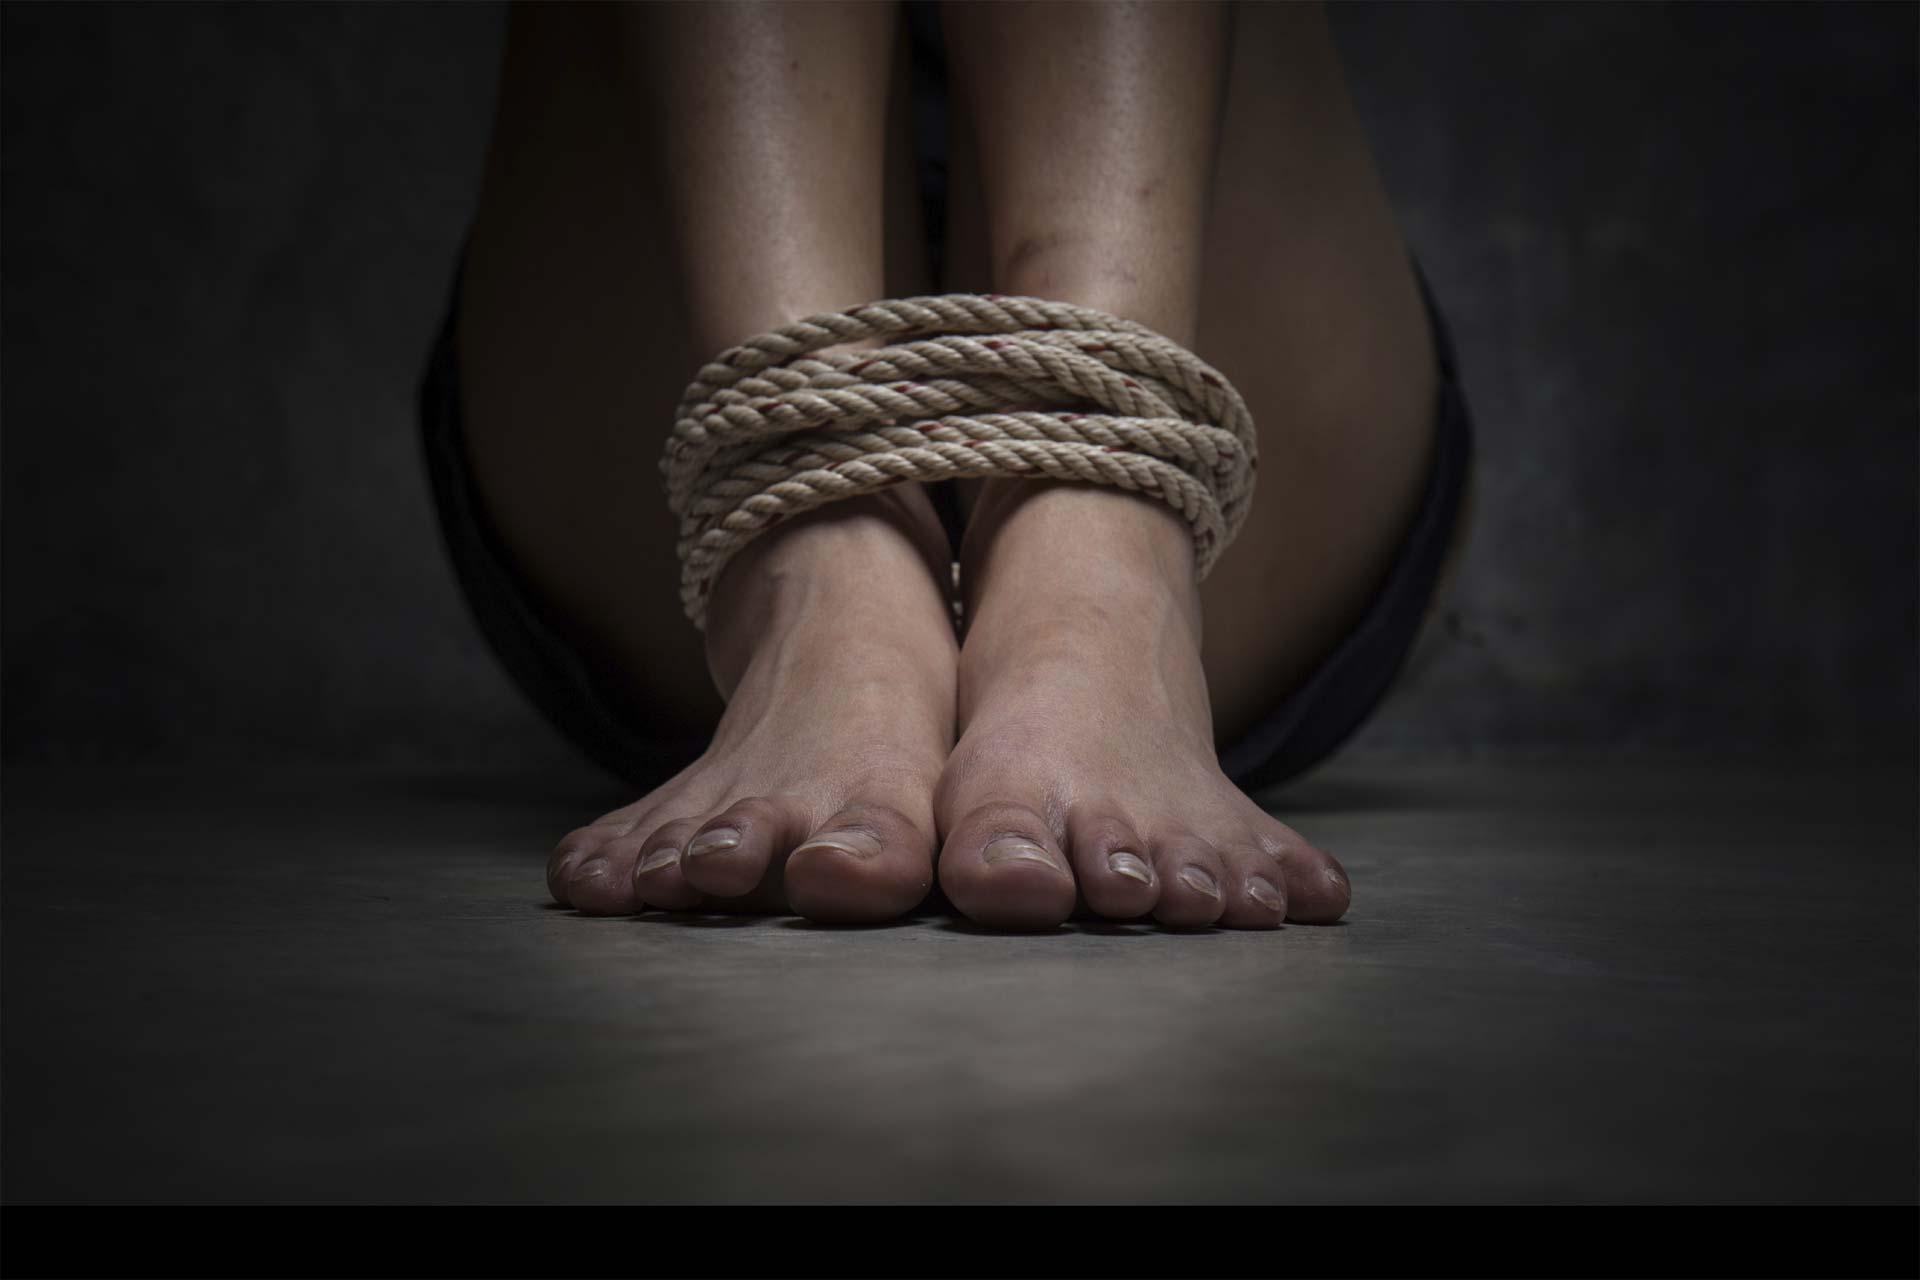 El director del instituto declaró culpable al fundador, Figari, de violaciones contra menores de edad